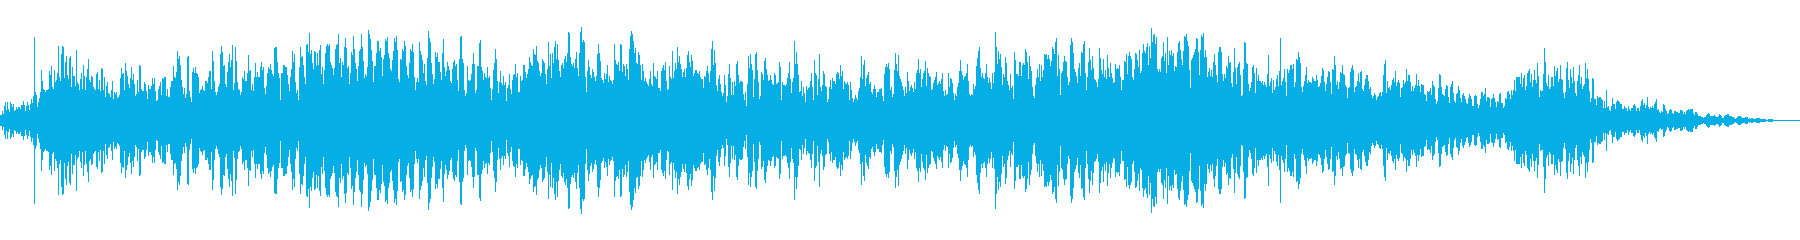 悪魔のような音声1の再生済みの波形